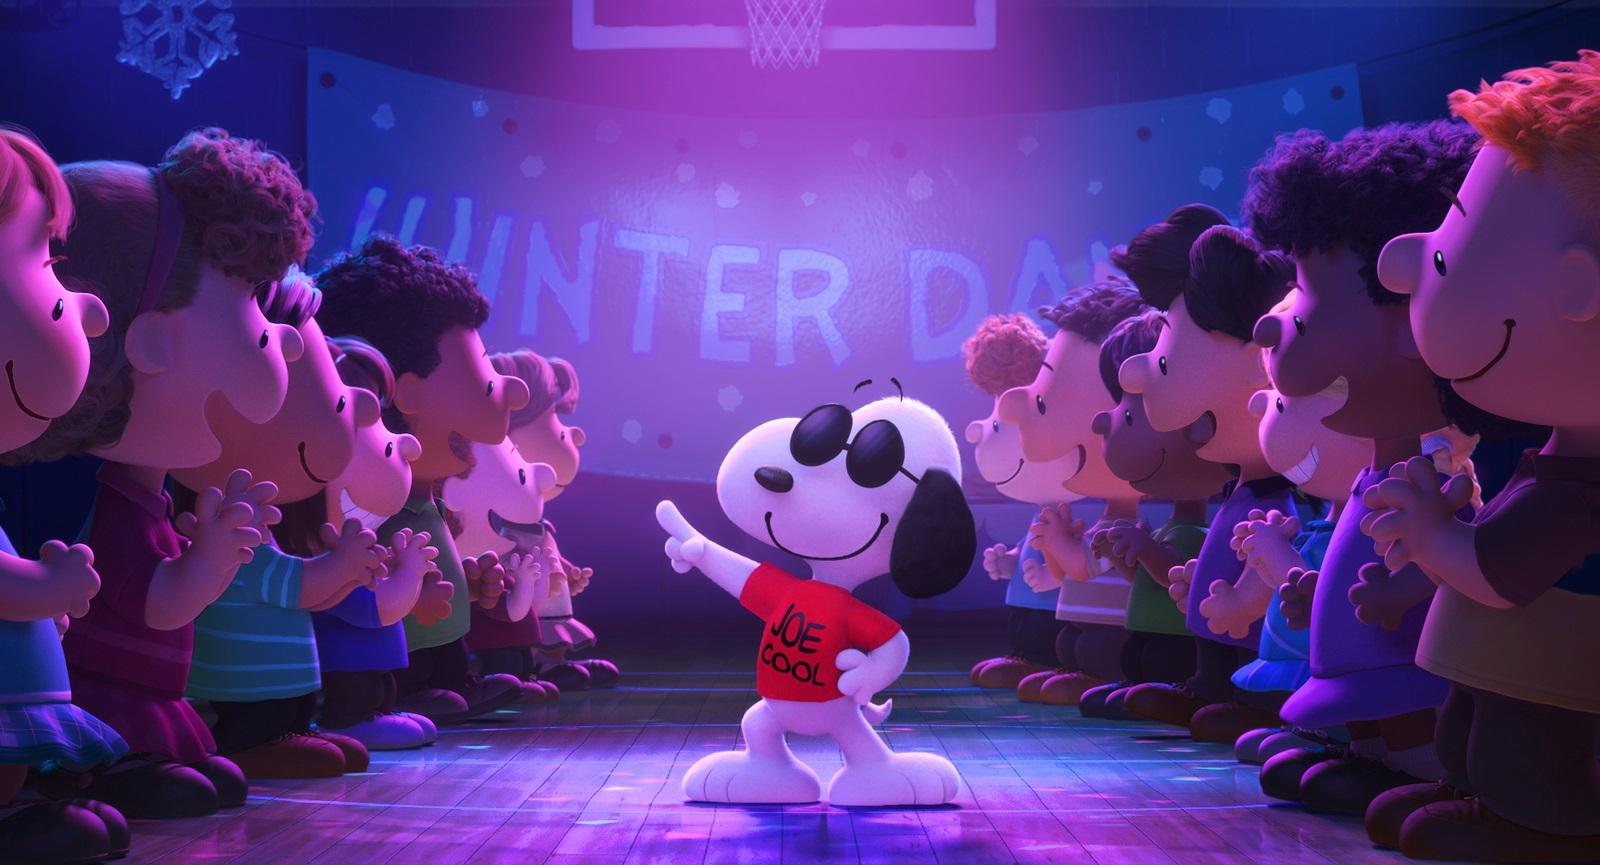 Snoopy-Peanuts-Film-1